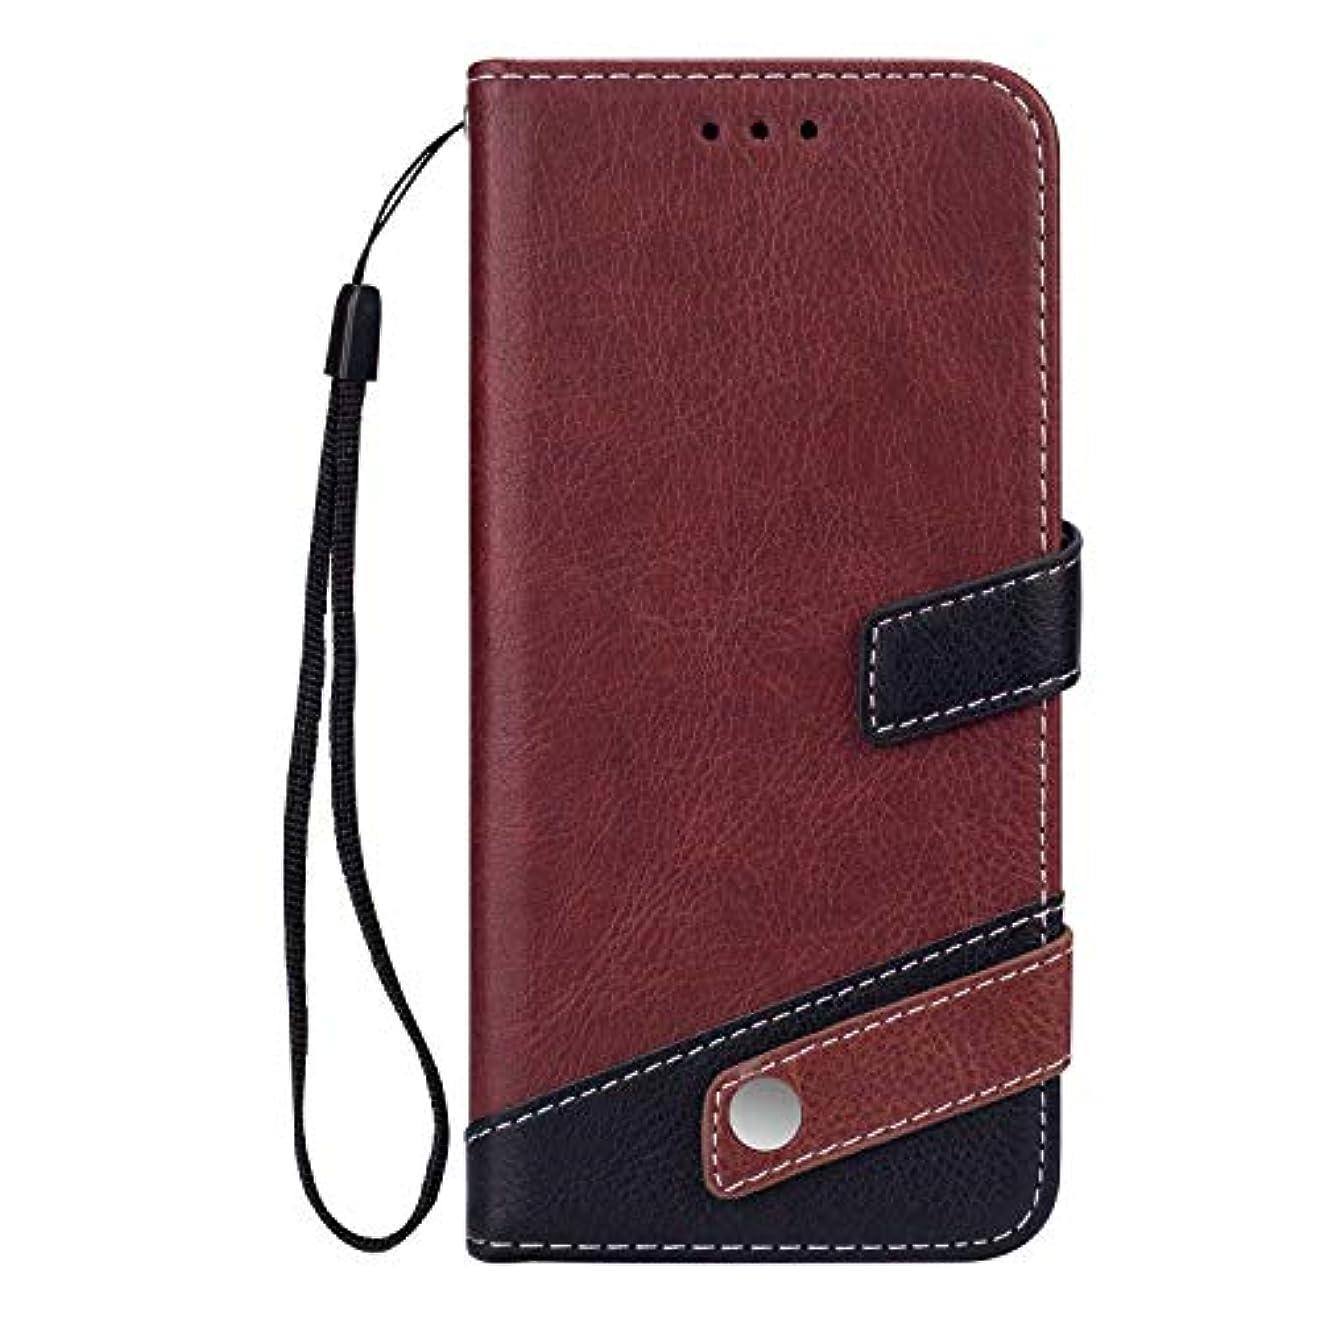 生き物どこか包括的Galaxy S10 ケース OMATENTI 手帳型ケース PUレザー 磁石タイプ ストラップホール付き 全面保護 液晶保護 耐衝撃 財布型 耐久性 薄型 スマホケース, 褐色